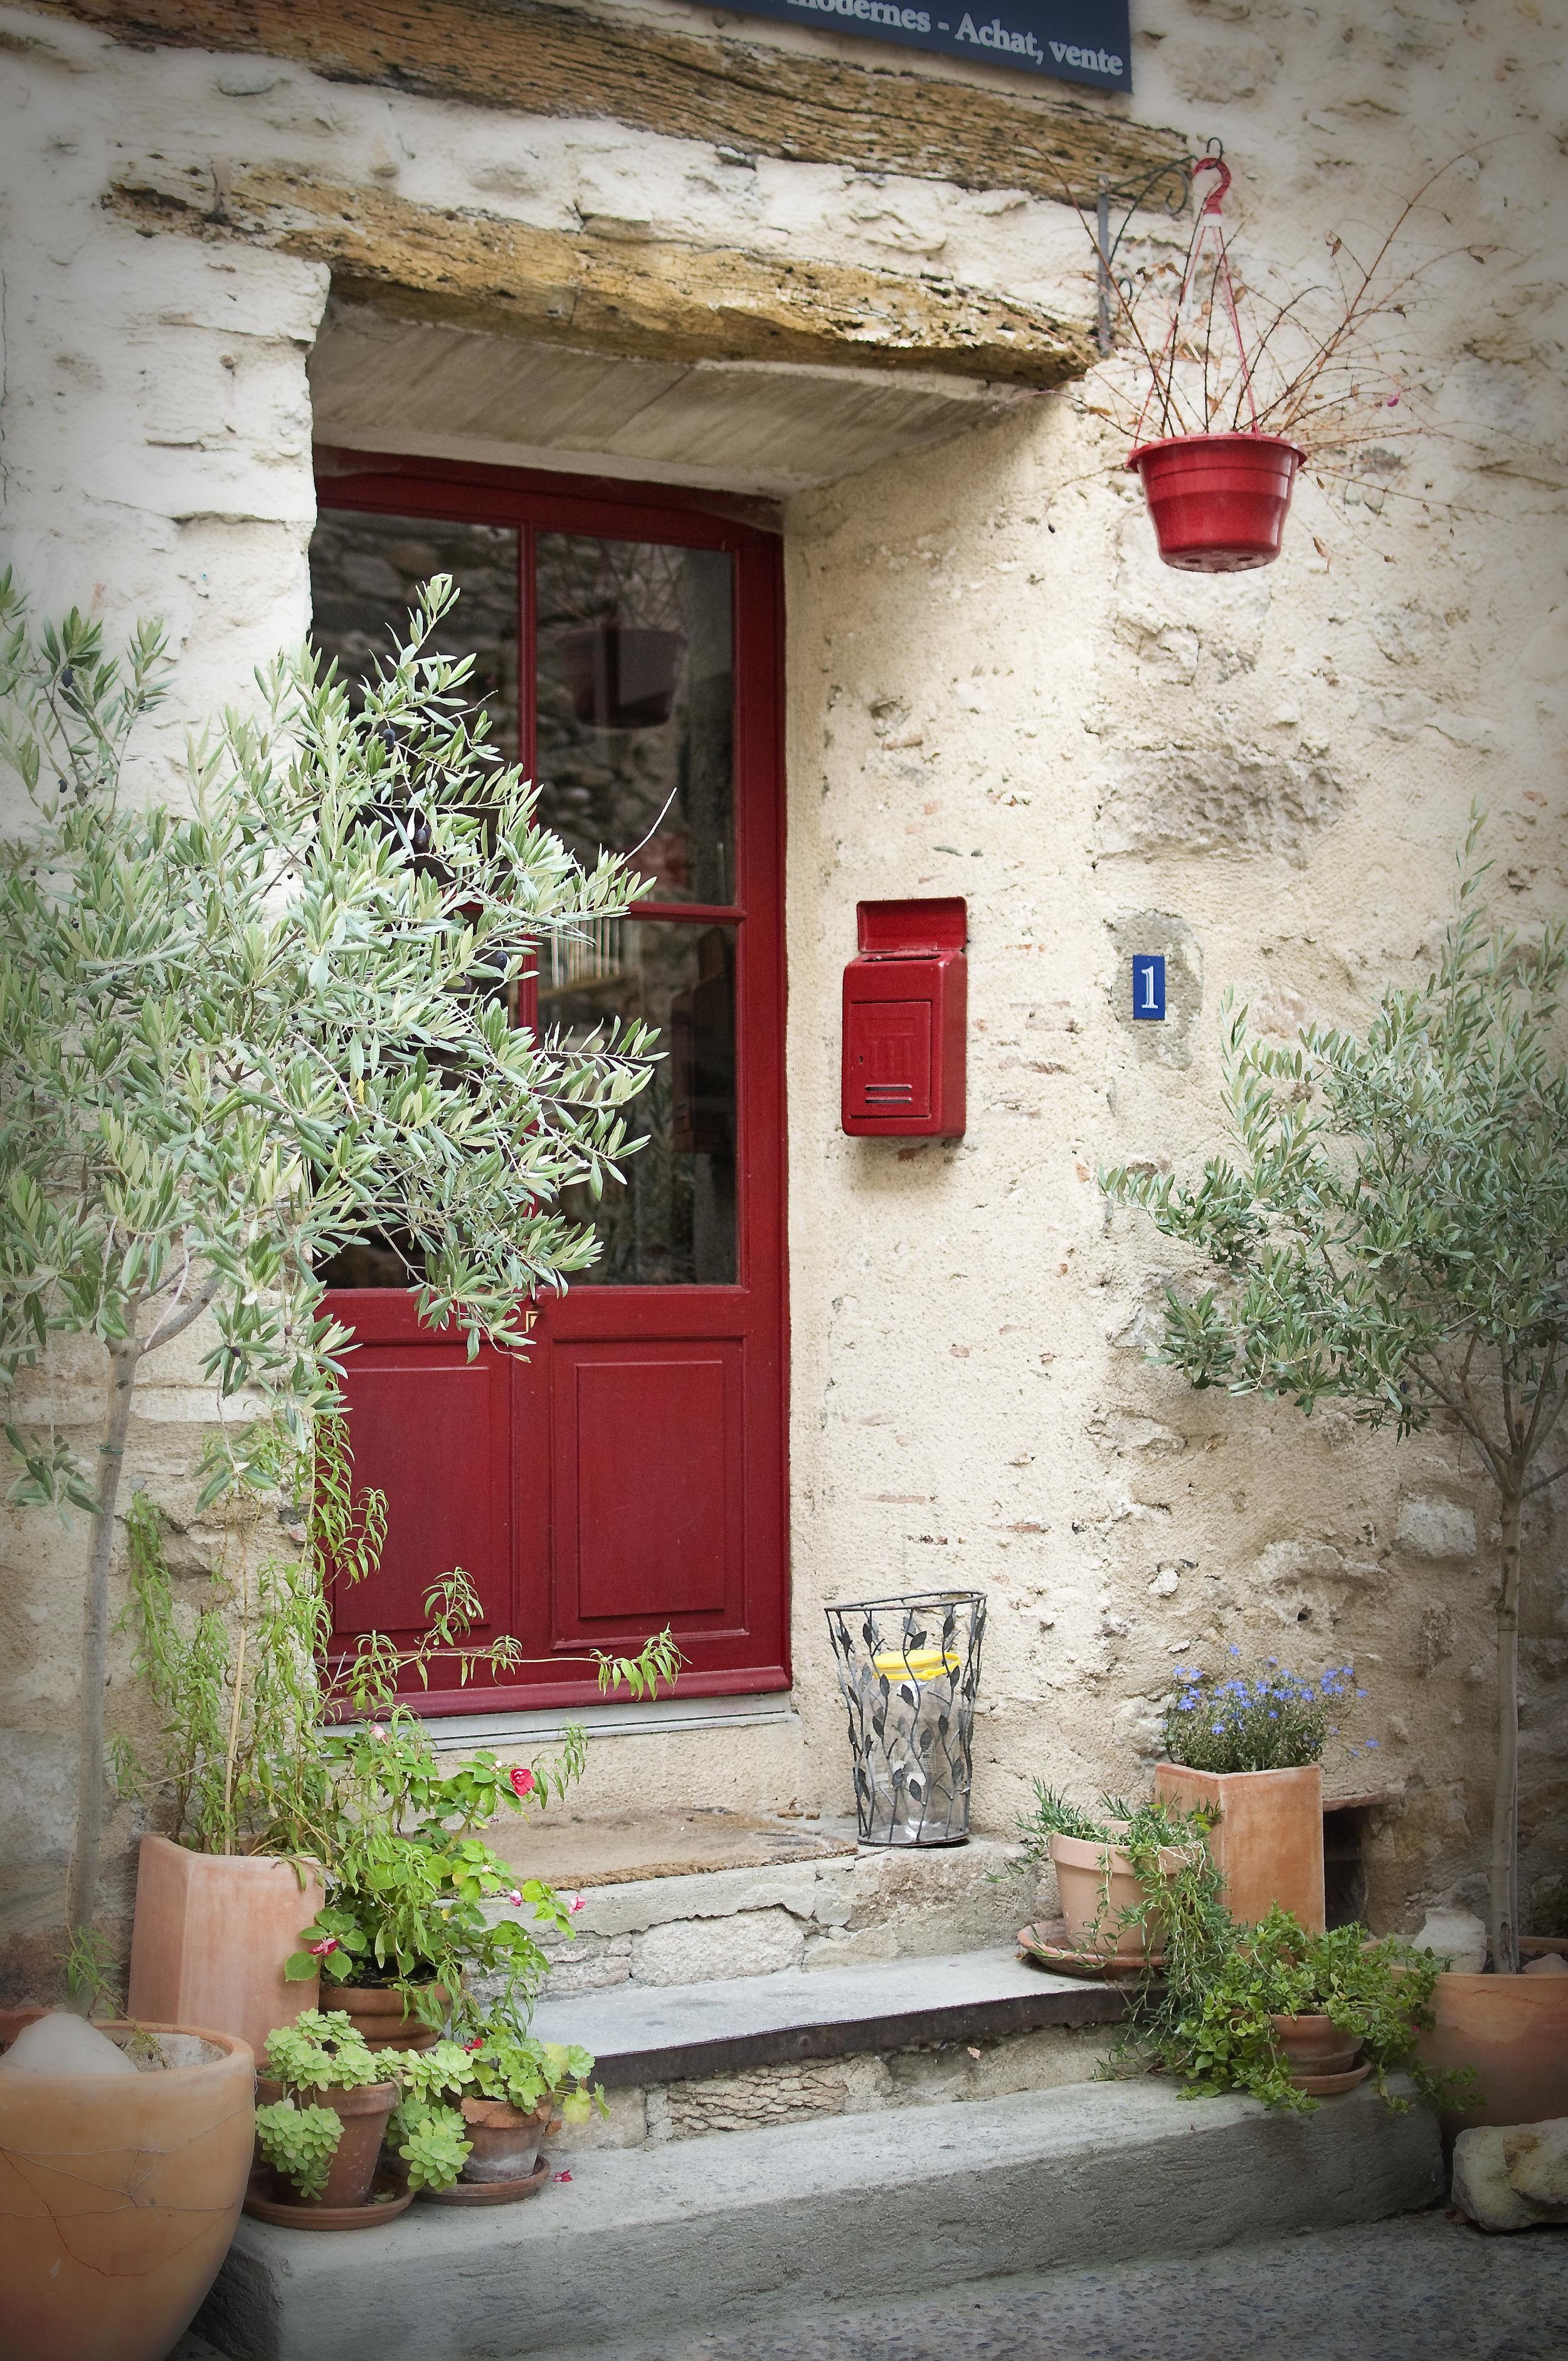 France 3494.jpg